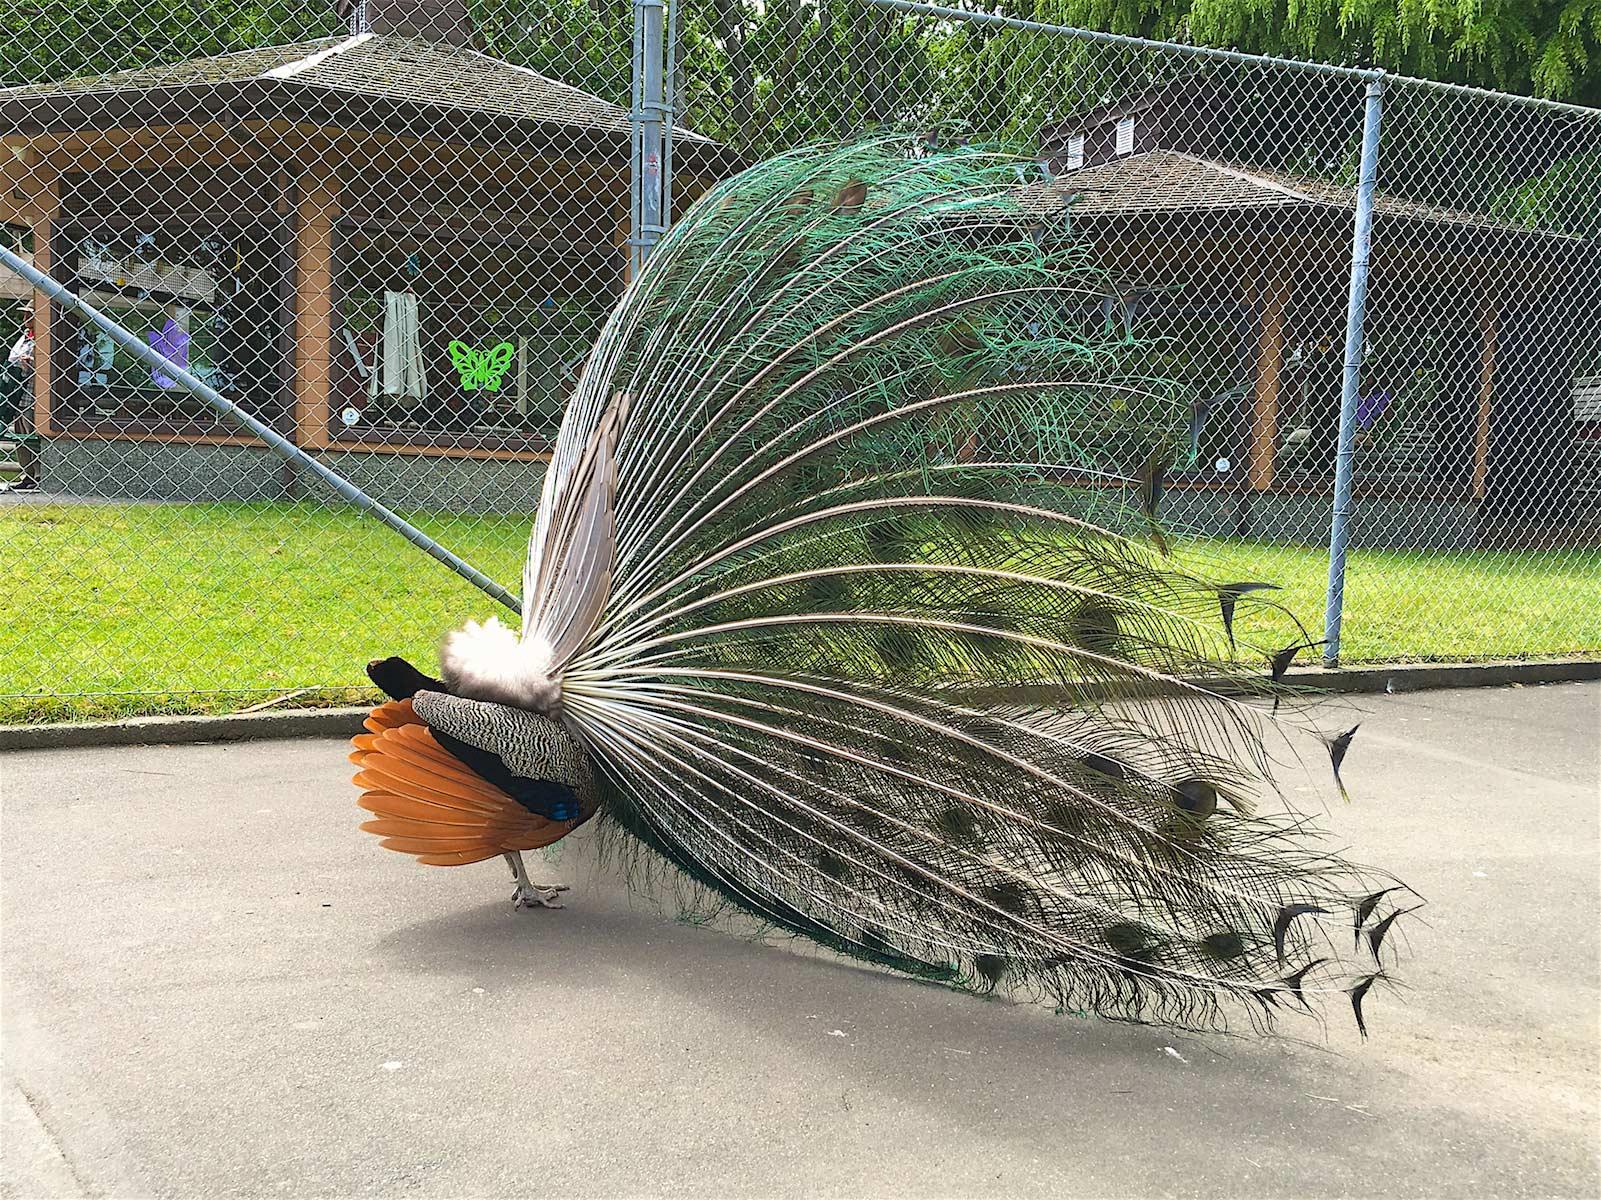 Upea Beacon Hill Park on kaupungin elämänlanka. Keskellä puistoa on edullinen kotieläinpuisto, jonka edustalla tepastelevat riikinkukot. (c) Alex Kampion/tripsteri.fi